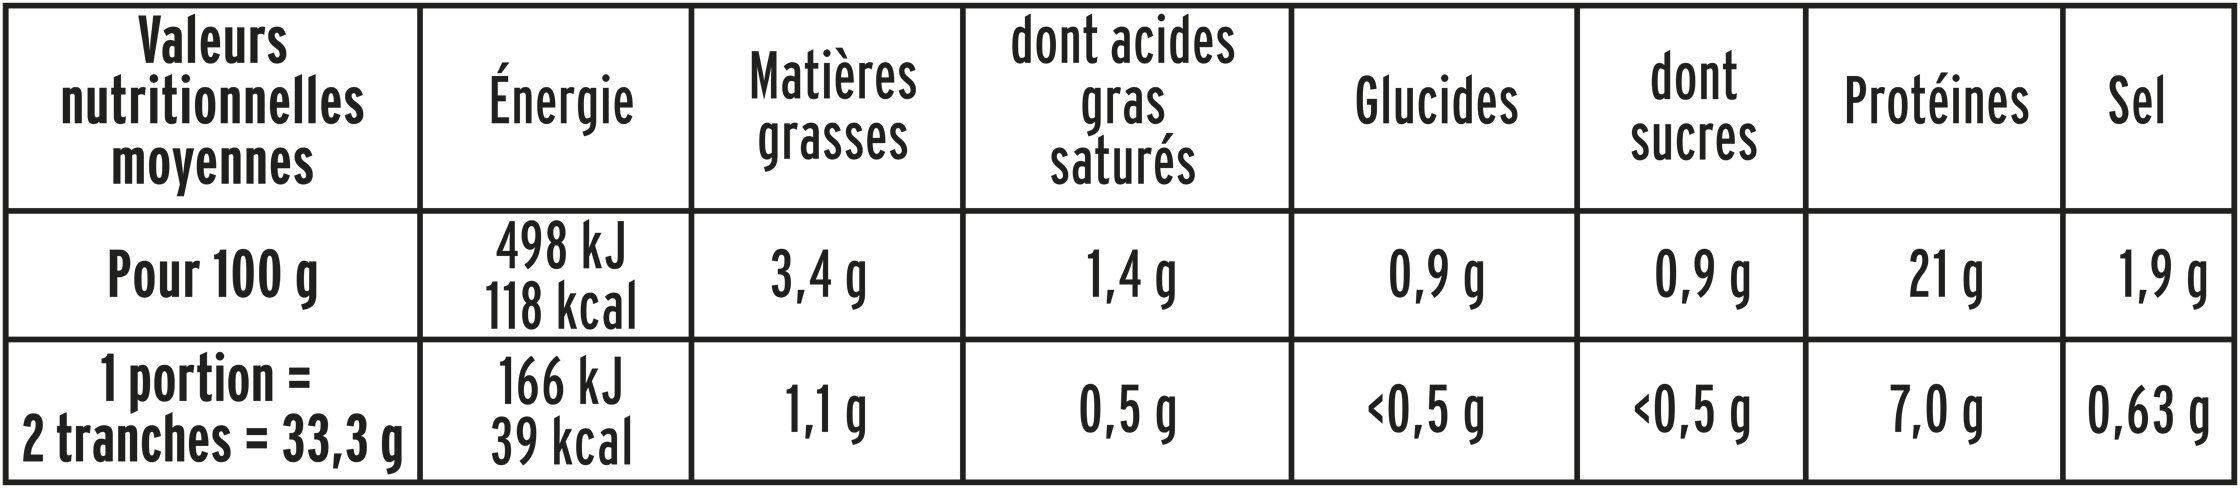 Pastrami de Boeuf au poivre - 6tr. - Nutrition facts - fr